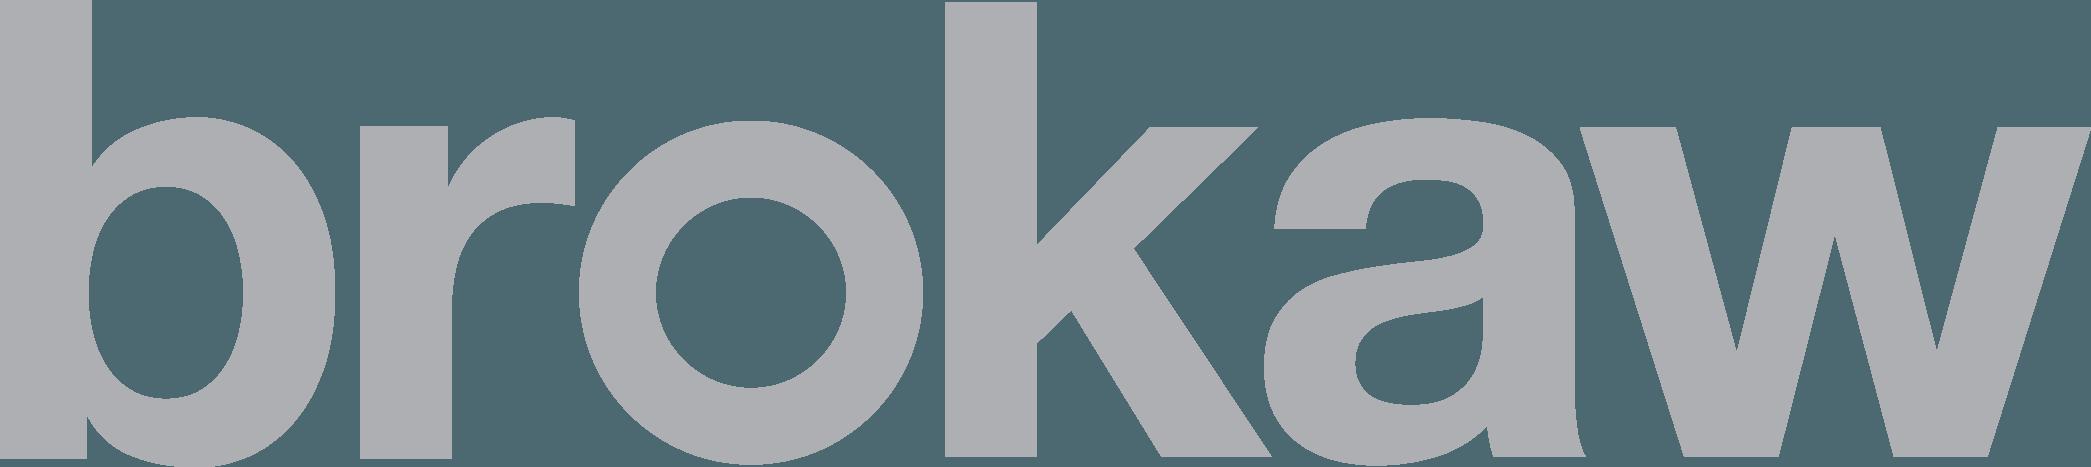 Brokaw-Logo_1112.png